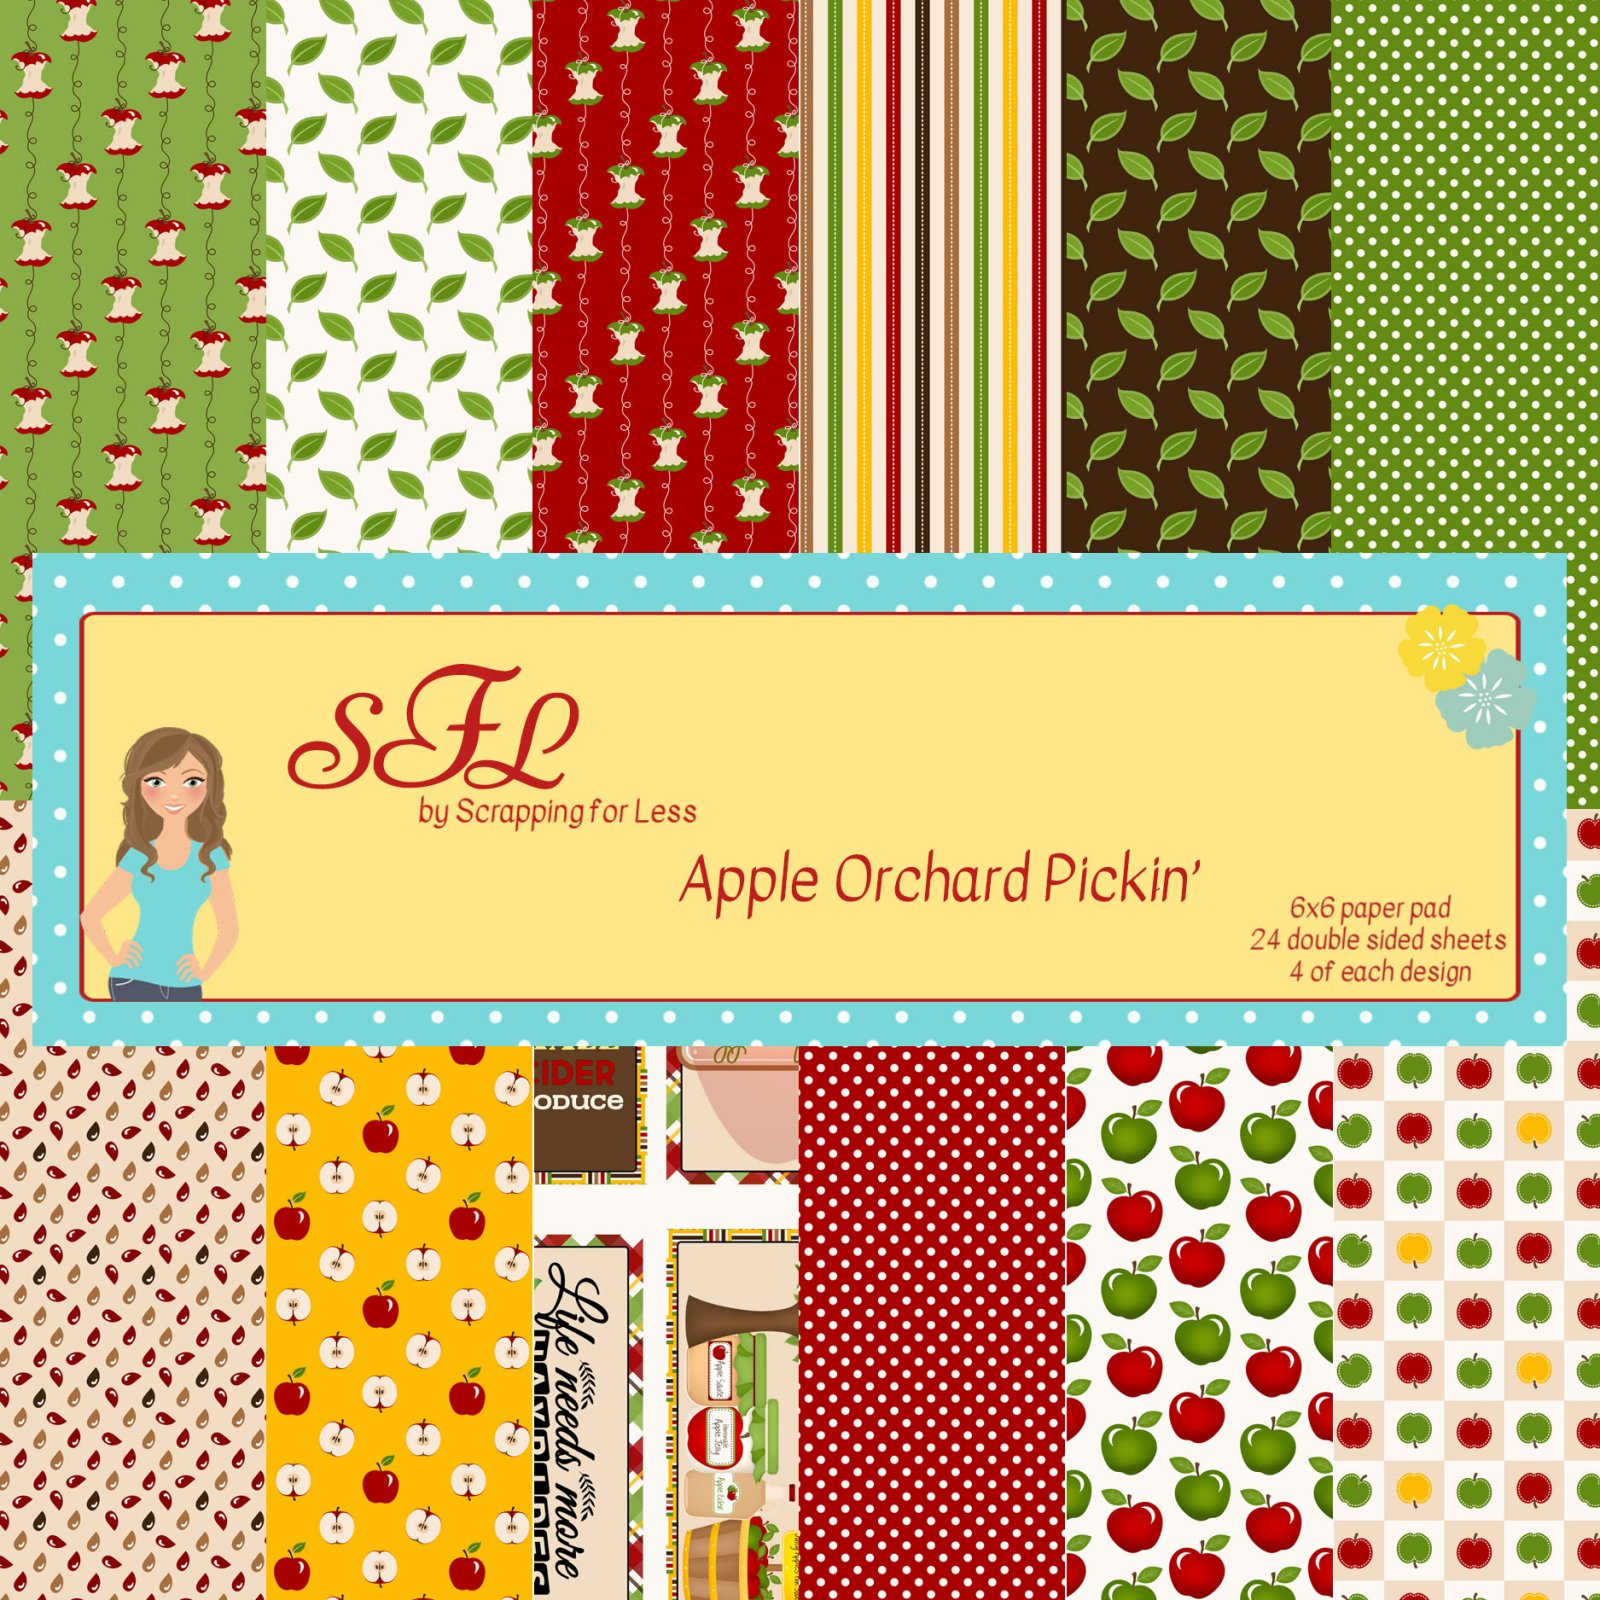 SFL Apple Orchard Pickin' 6x6 Paper Pad